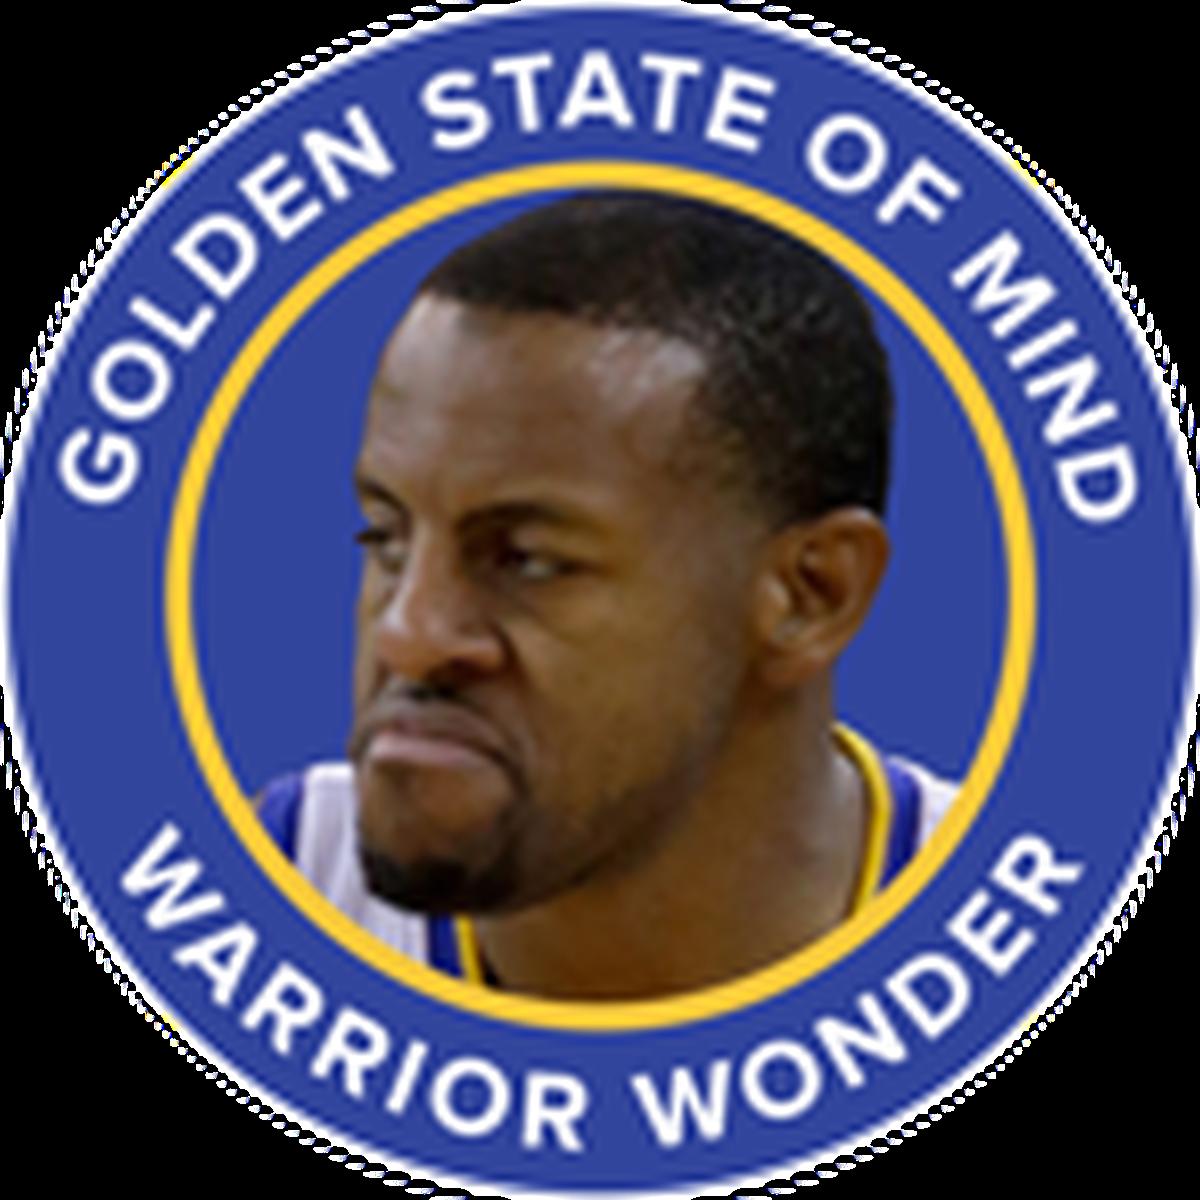 Warriors Vs Nets Full Game Highlights: Warriors Vs. Nets Analysis: Andrew Bogut, Andre Iguodala